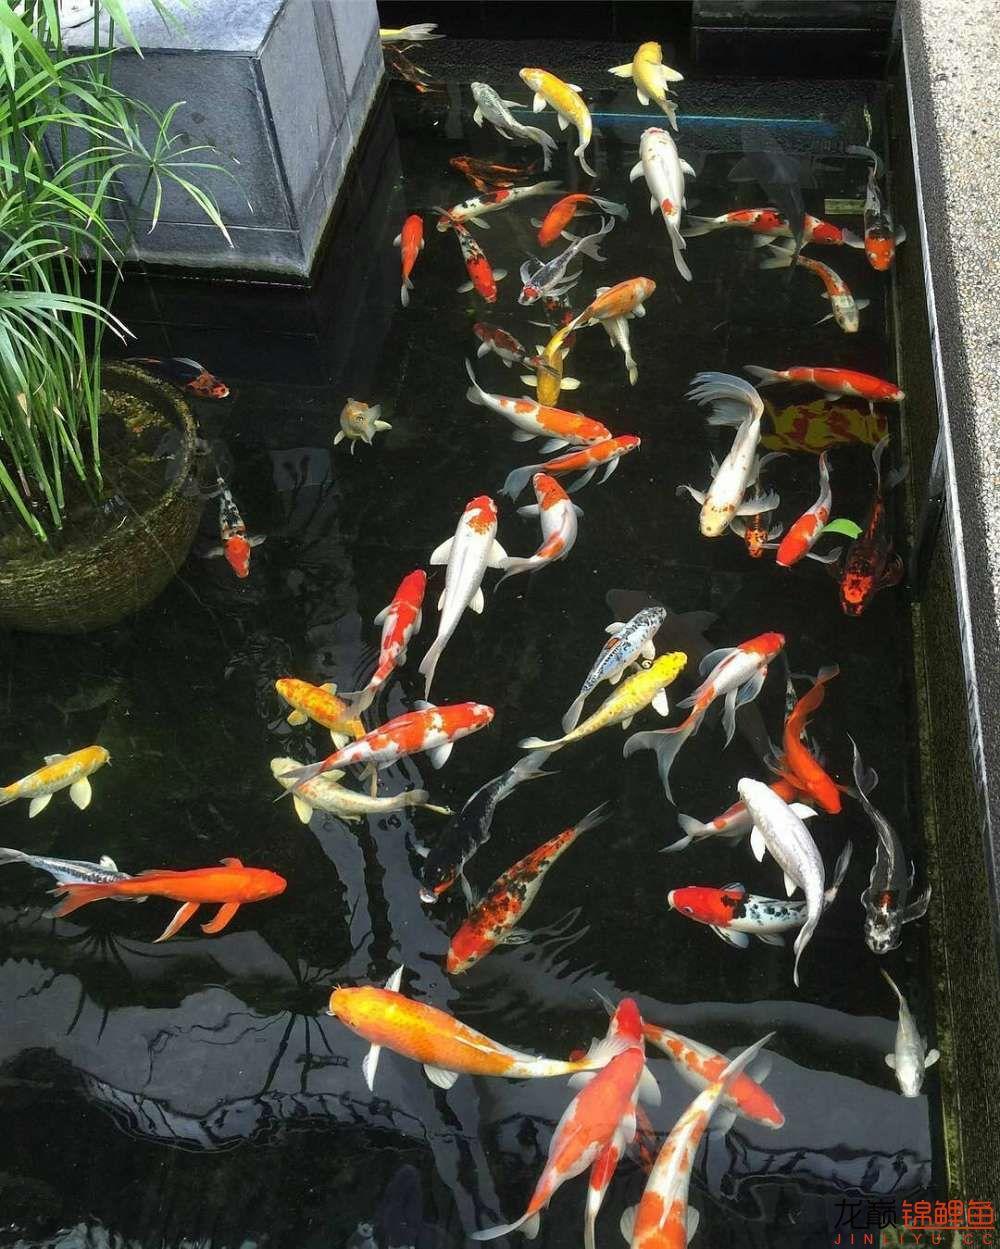 养锦鲤还是越多越好啊 北京观赏鱼 北京龙鱼第4张